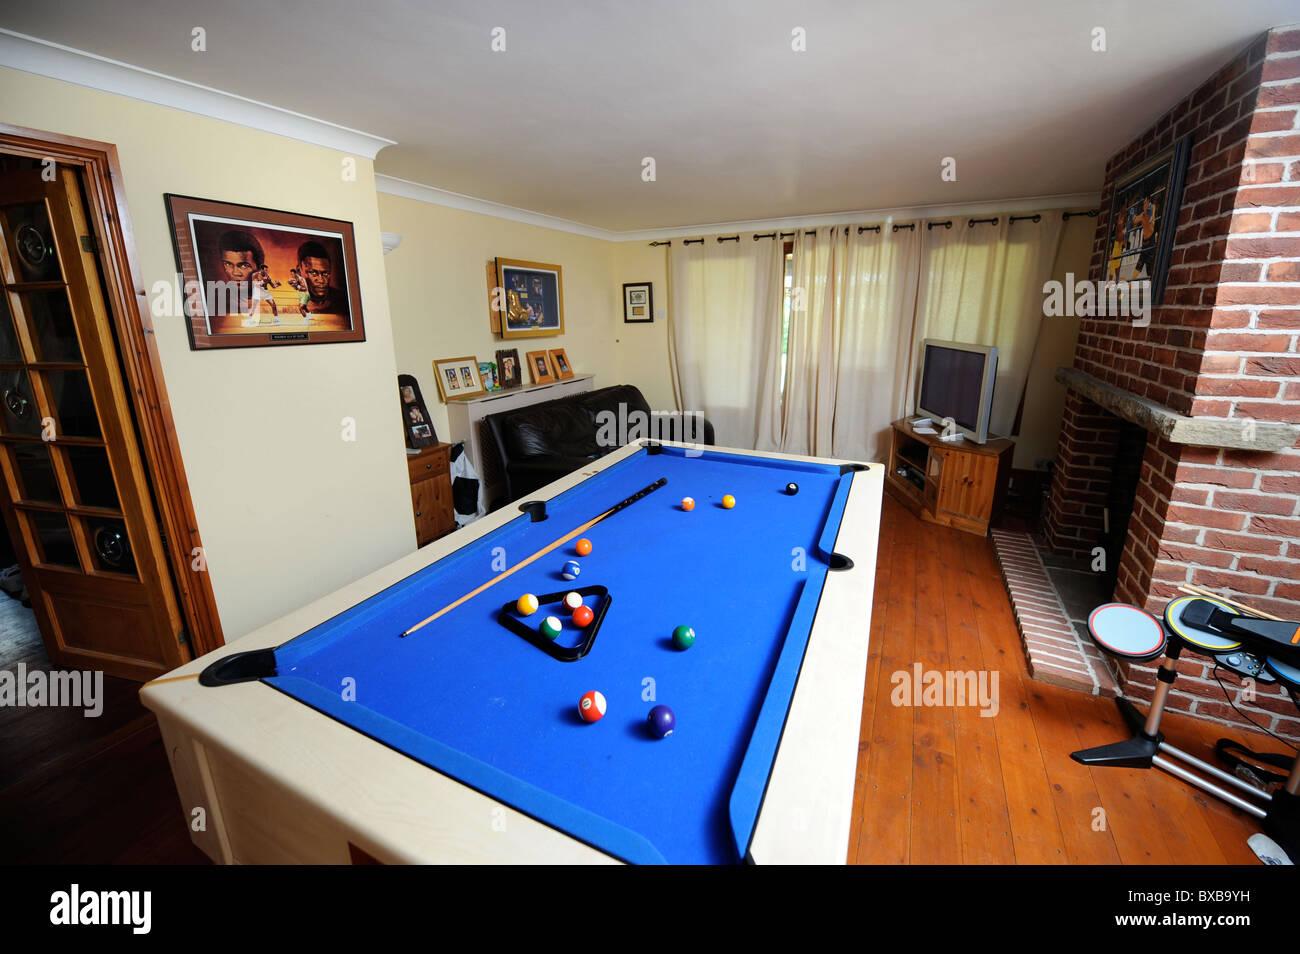 Sala Da Biliardo In Inglese : Tavolo da biliardo in una sala giochi in un home uk foto & immagine